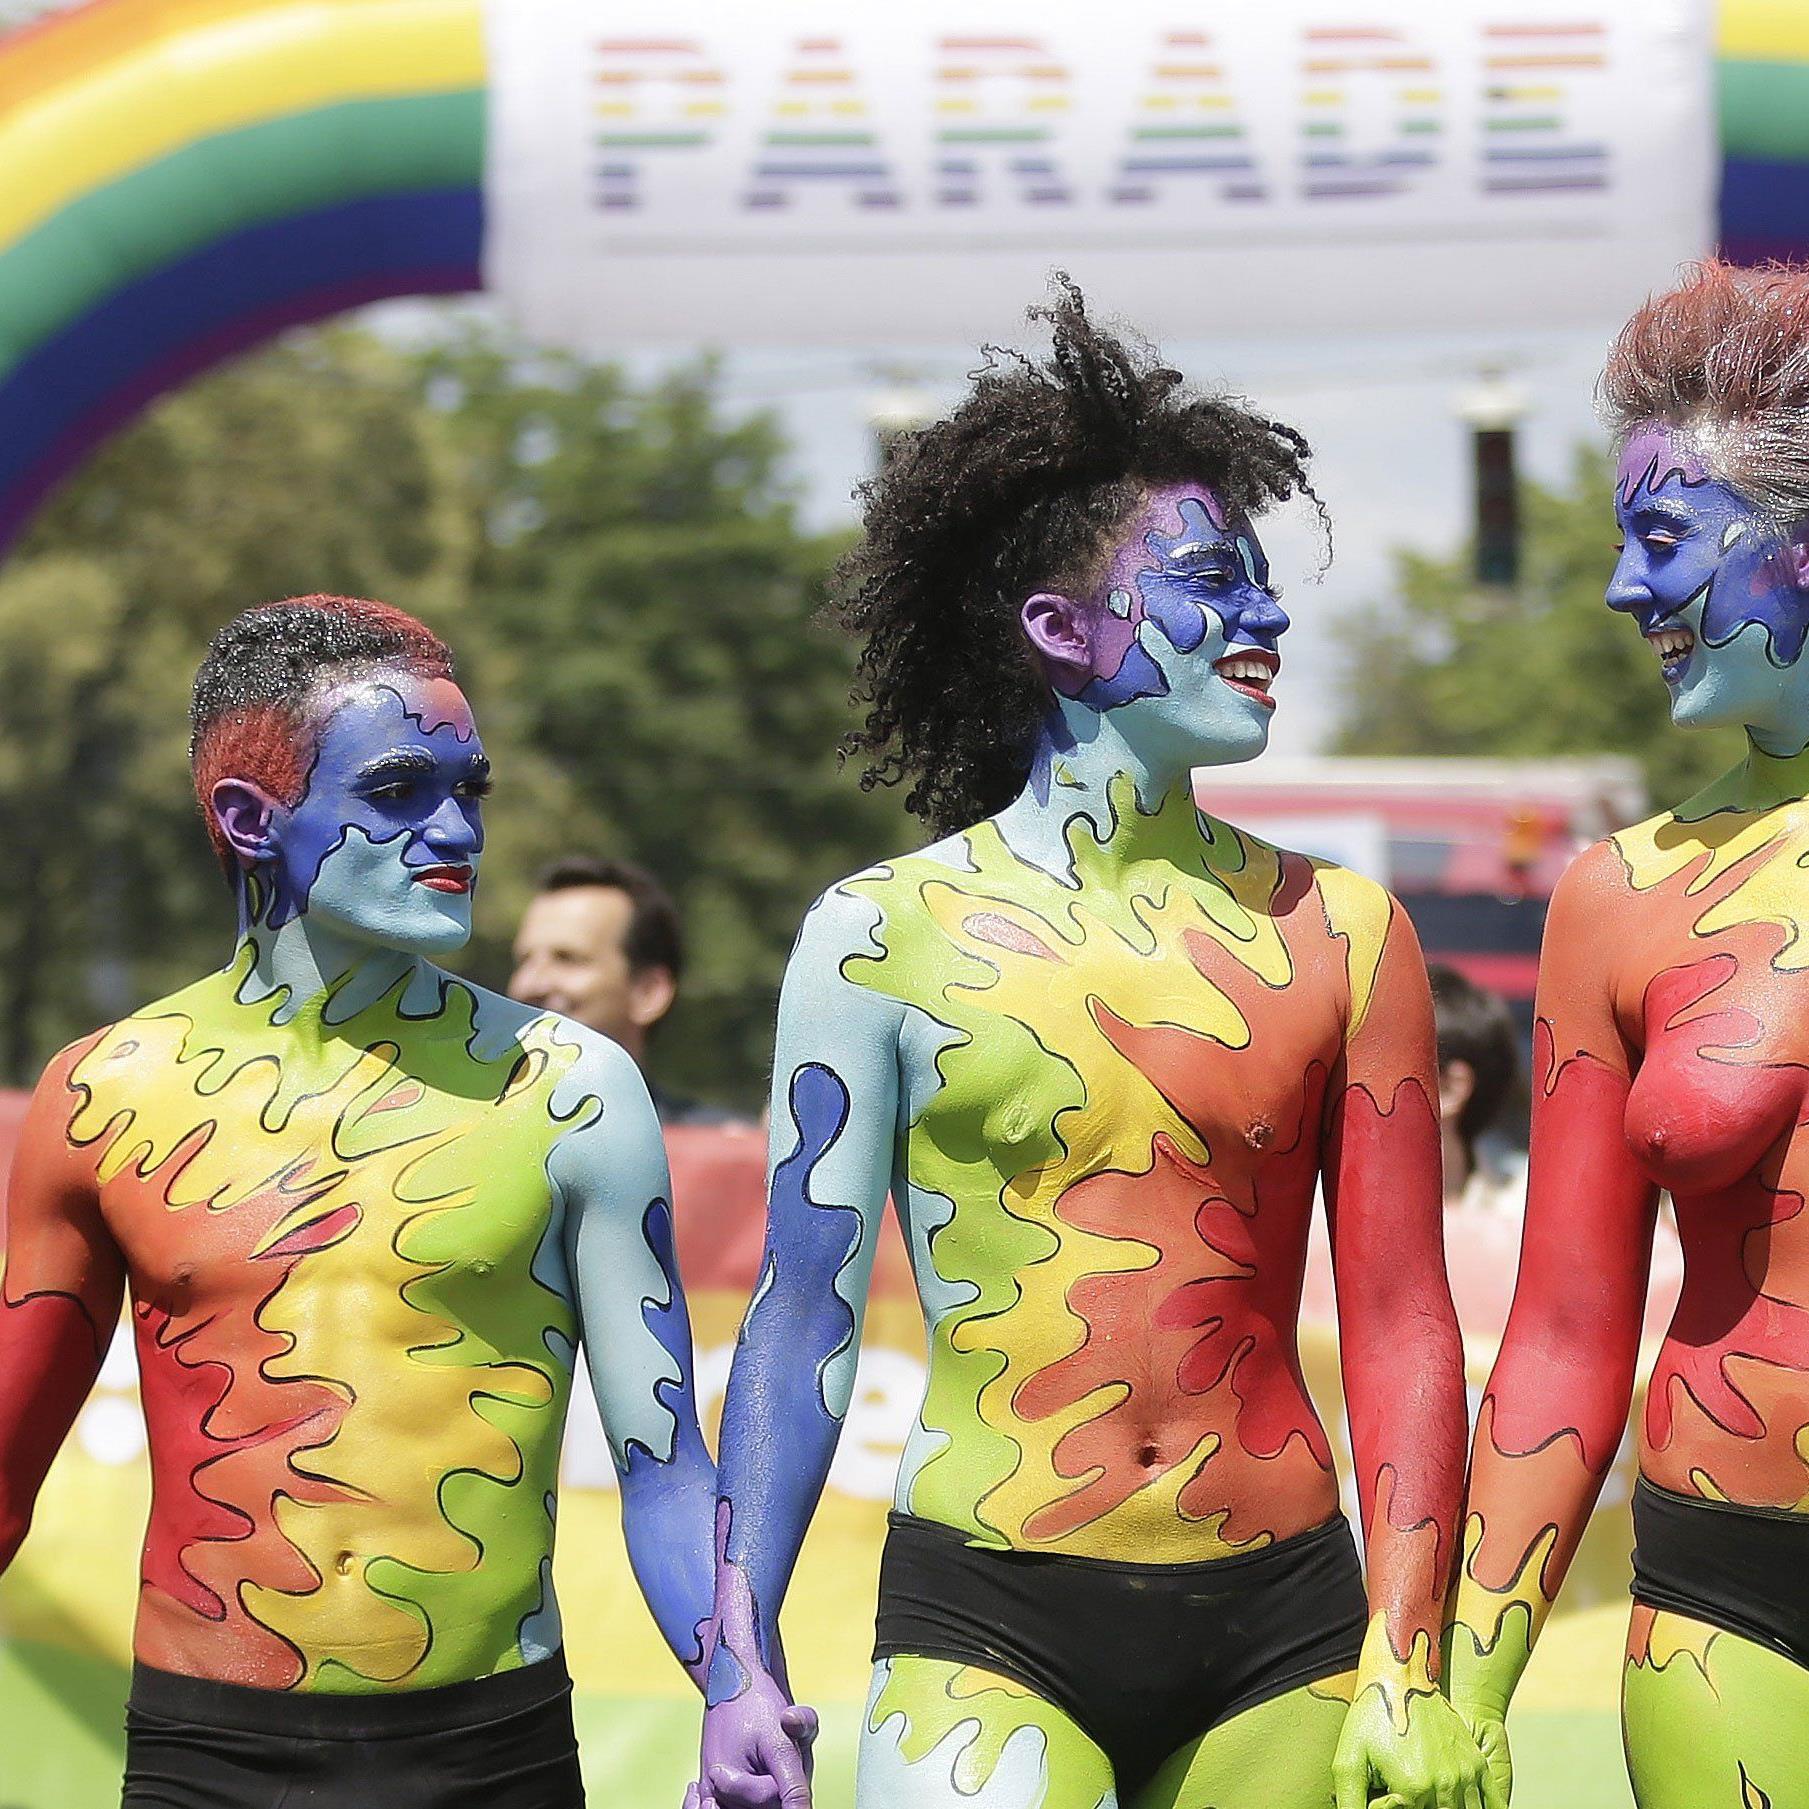 Bei der Regenbogenparade gibt es immer viel zu sehen.